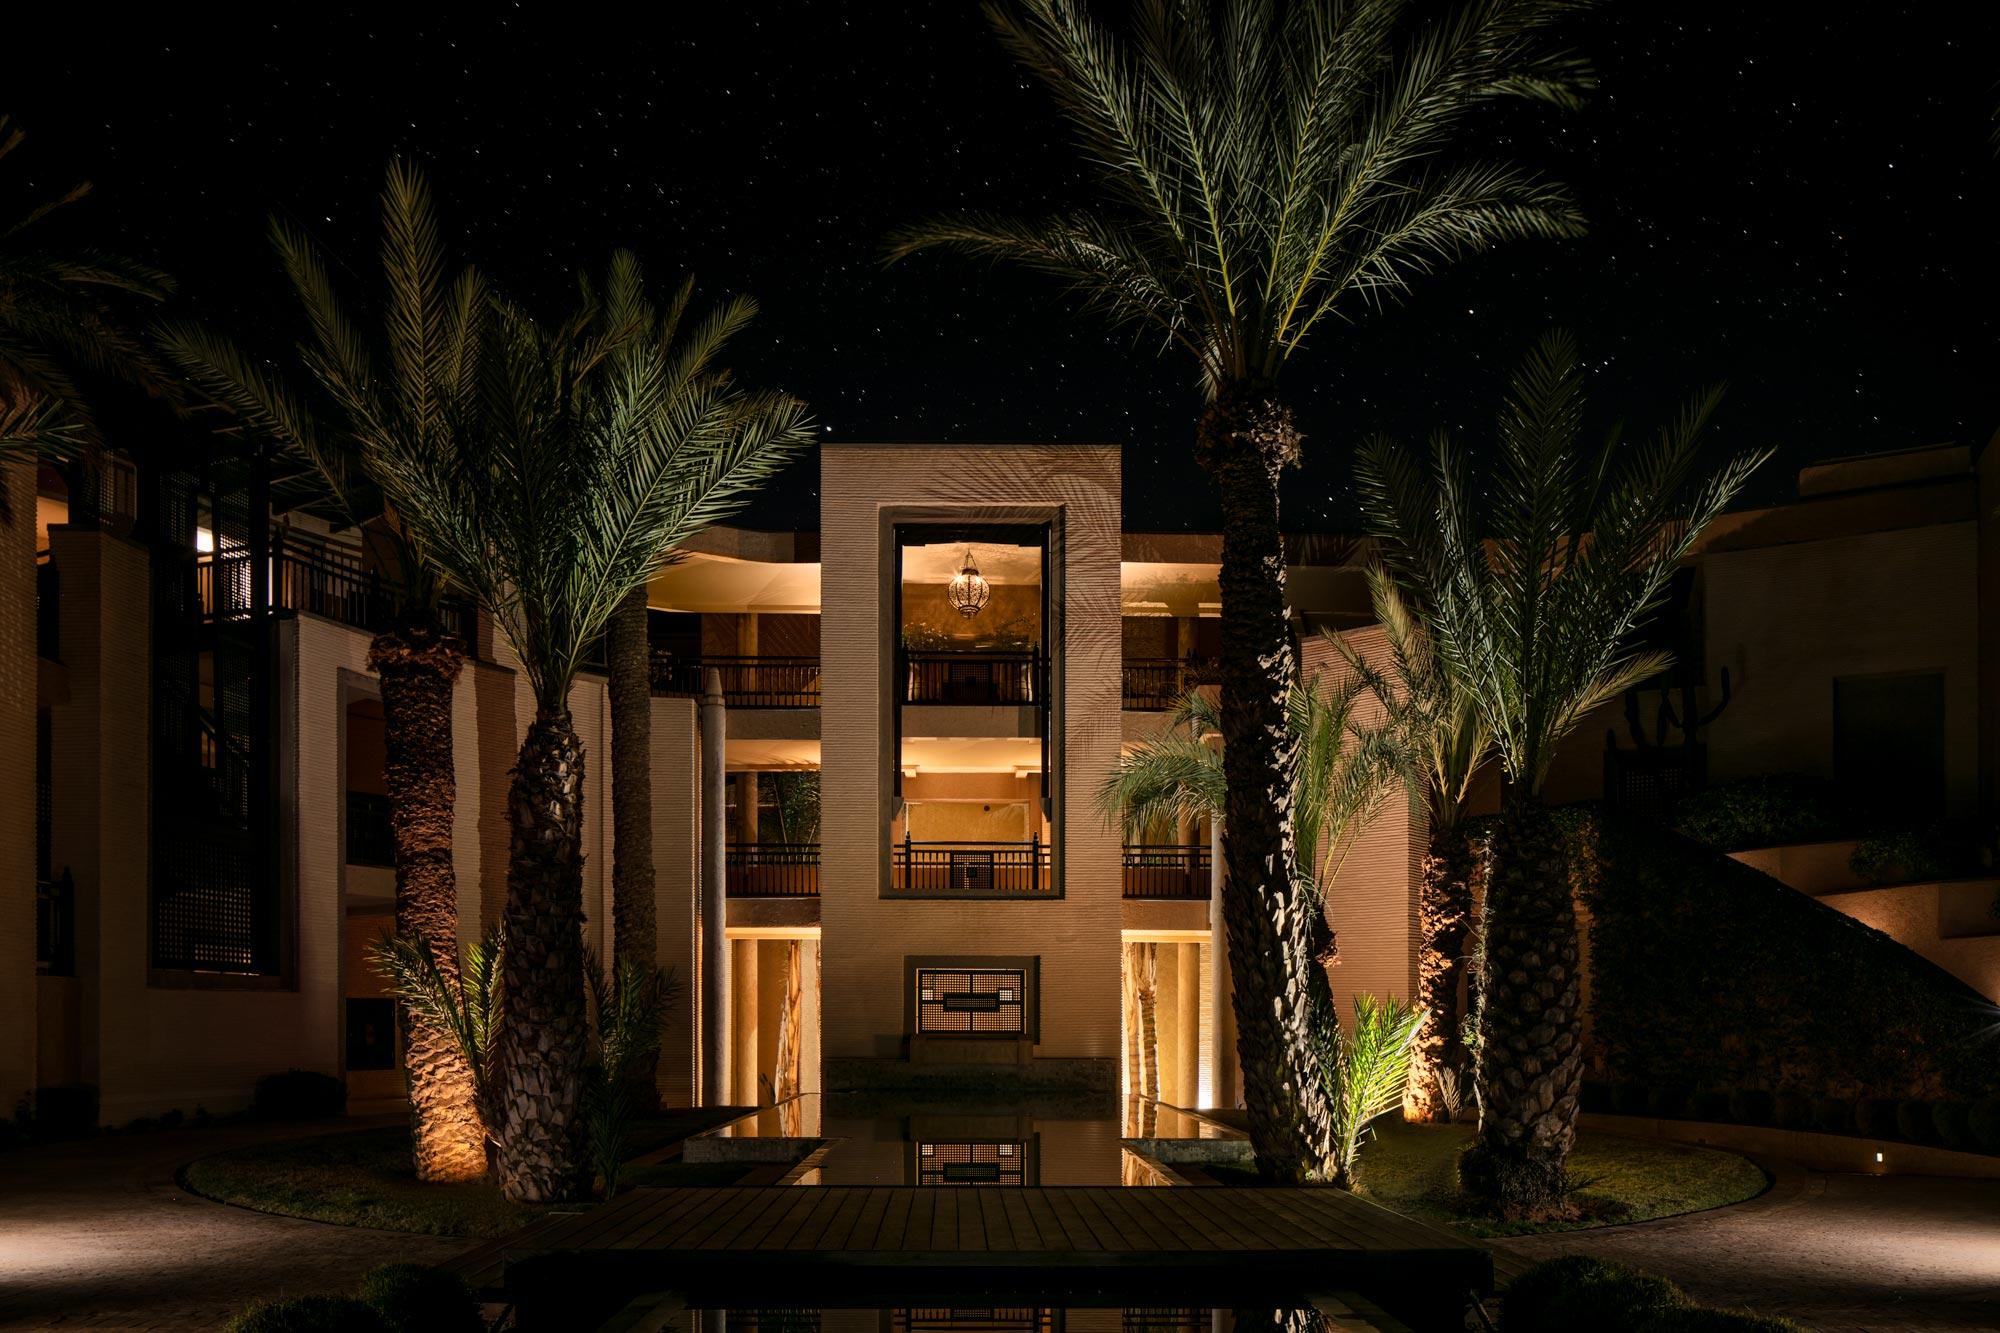 Fairmont Royal Palm Marrakech,  Hotelfotografie von Schweizer Hotel und Resortfotograf Adrian Kilchherr